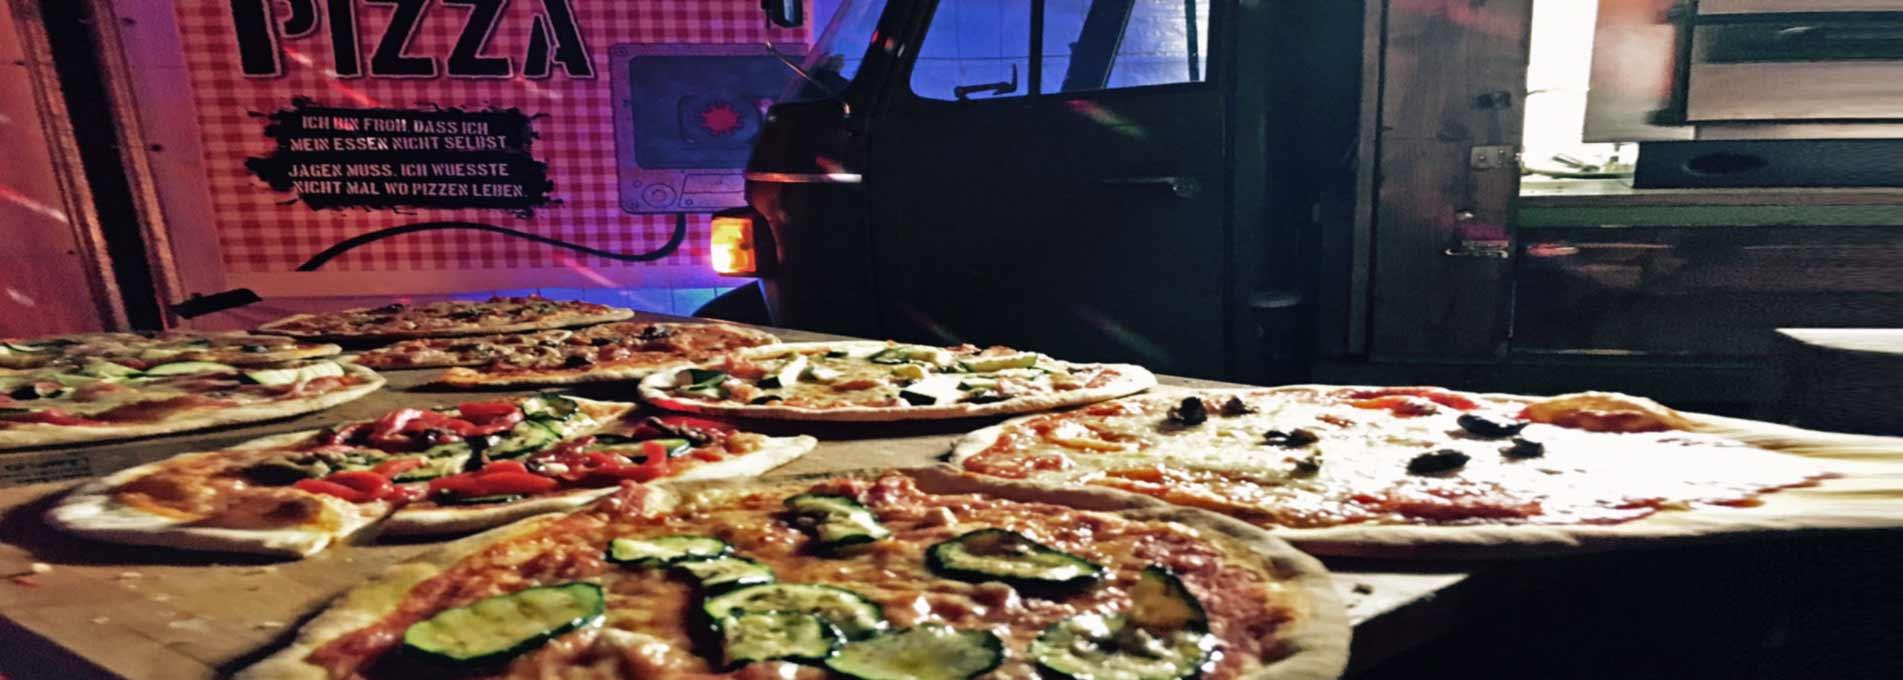 Pizza-Catering - buonAPEtito